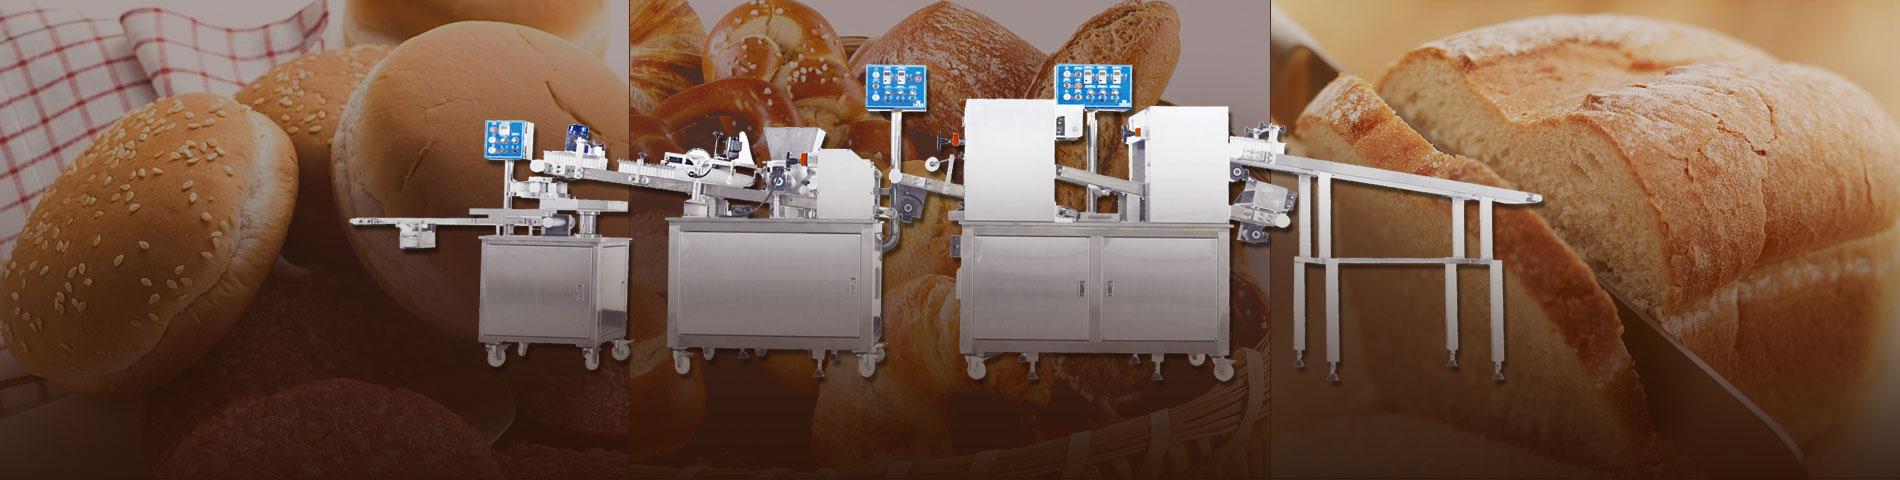 ब्रेड, टोस्ट, बर्गर ब्रेड TY-8530 ब्रेड बनाने की मशीन